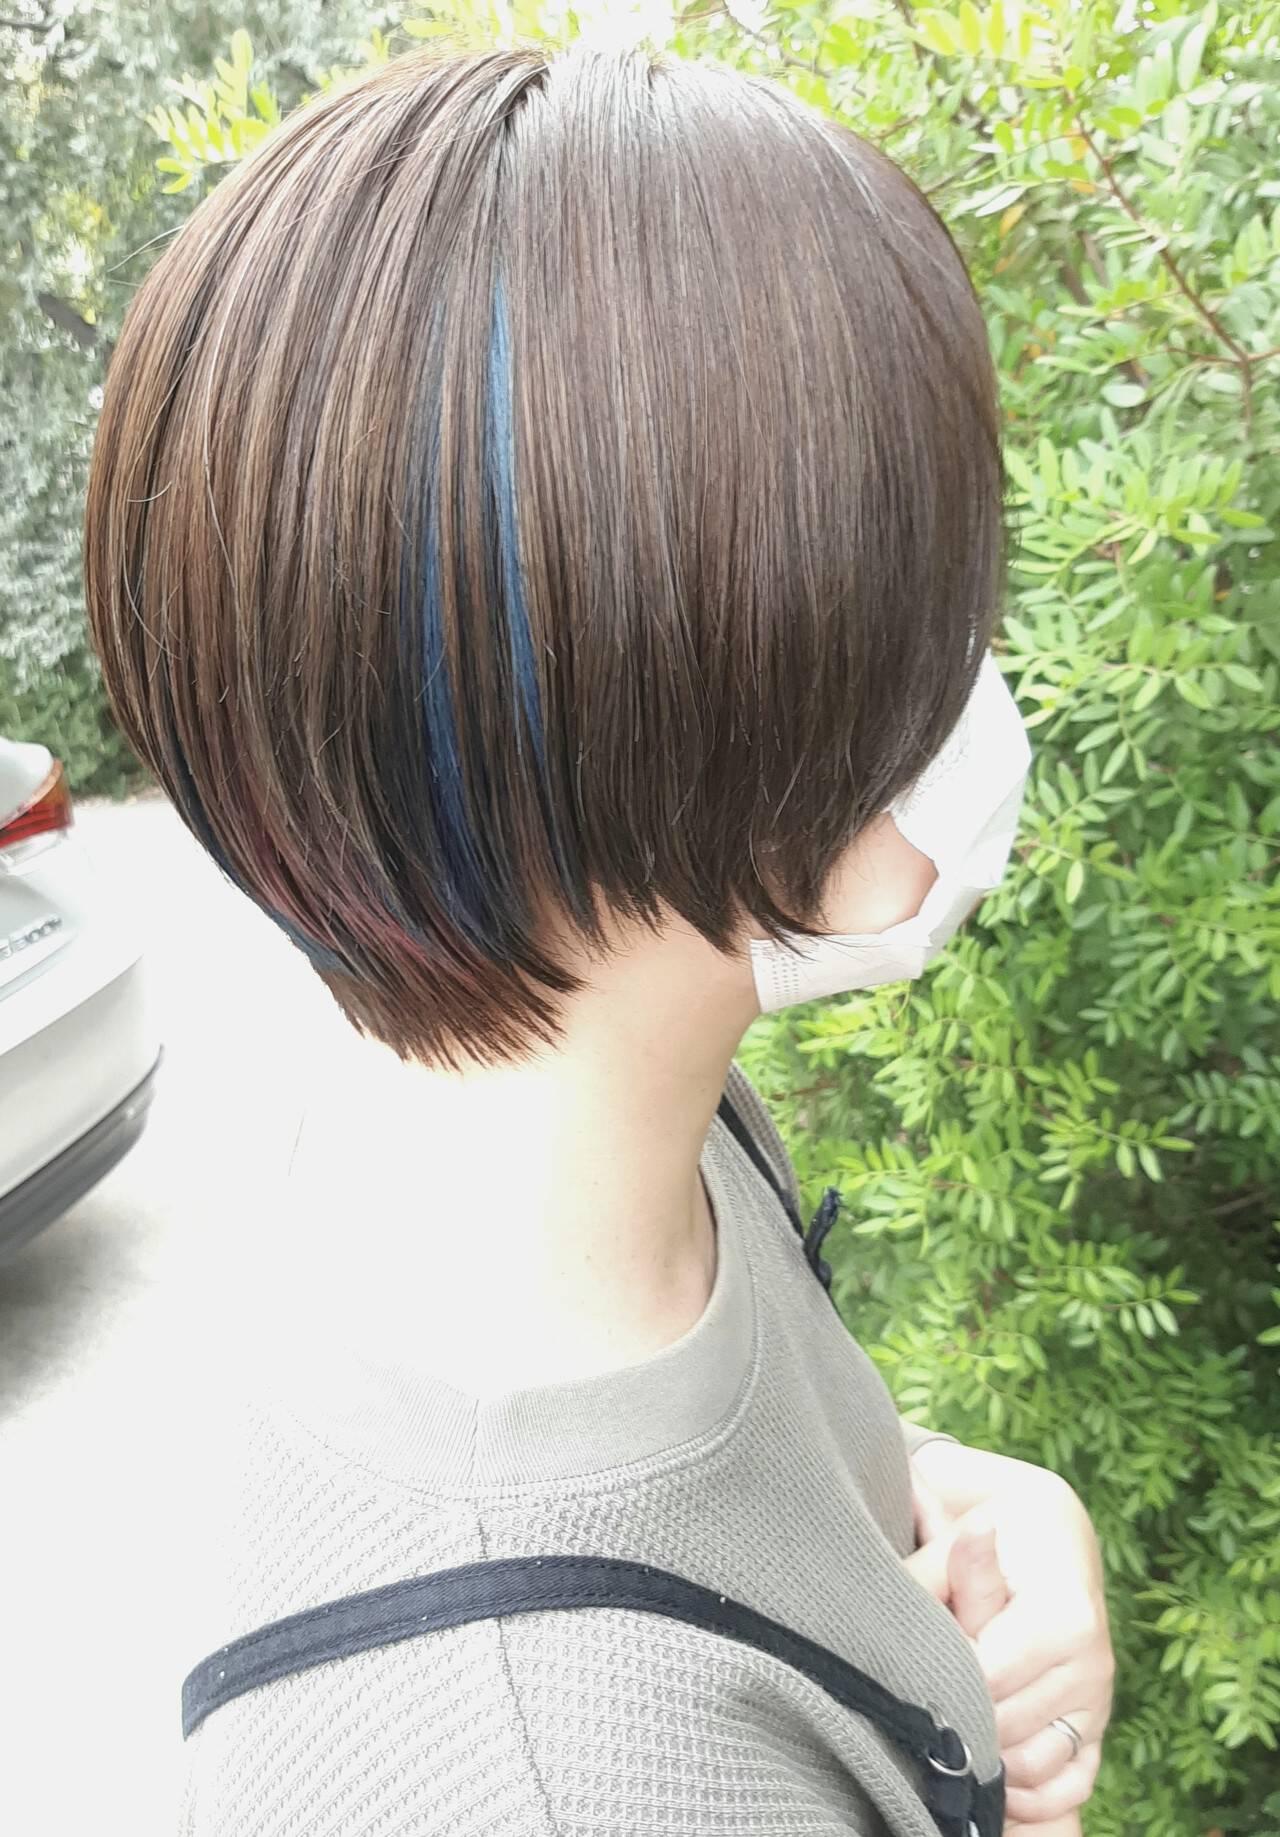 切りっぱなしボブ ショートヘア ベリーショート インナーカラーヘアスタイルや髪型の写真・画像